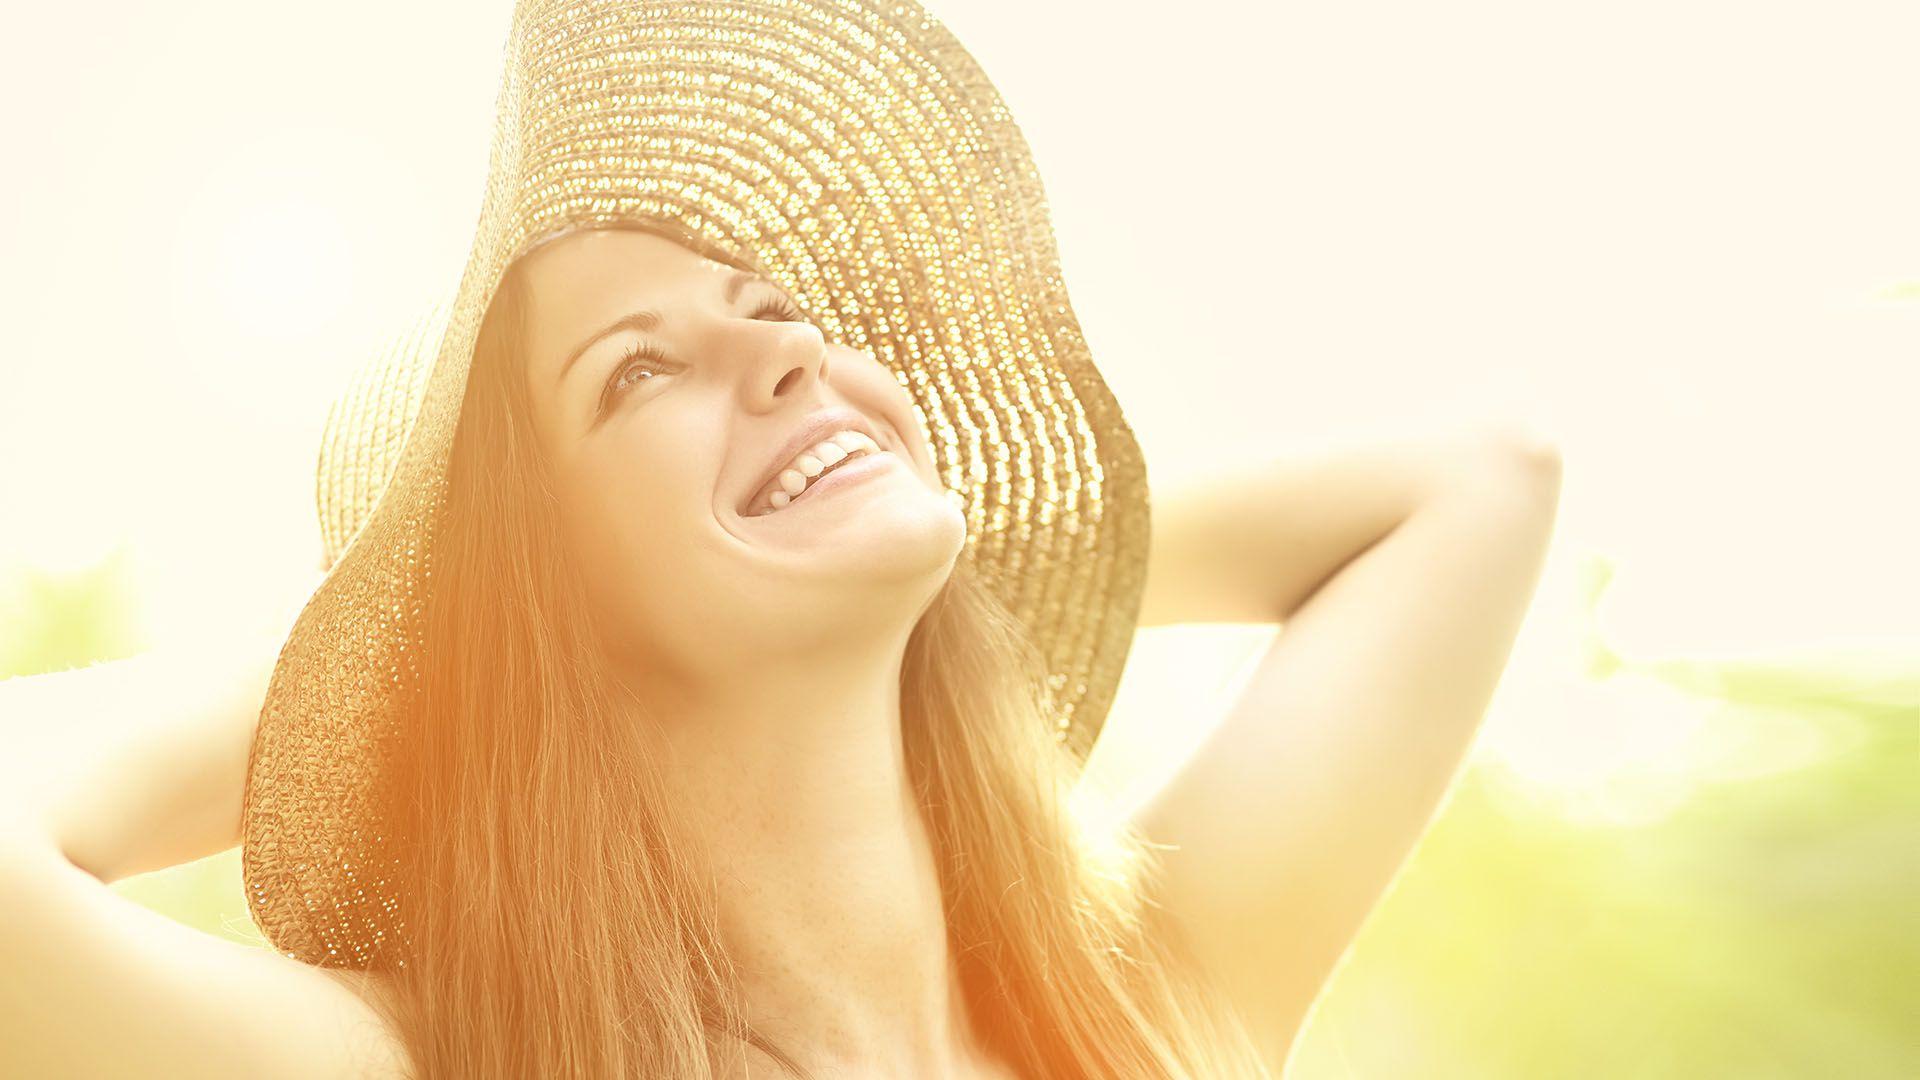 La exposición al sol se asocia comúnmente con un mejor ánimo (Shutterstock)